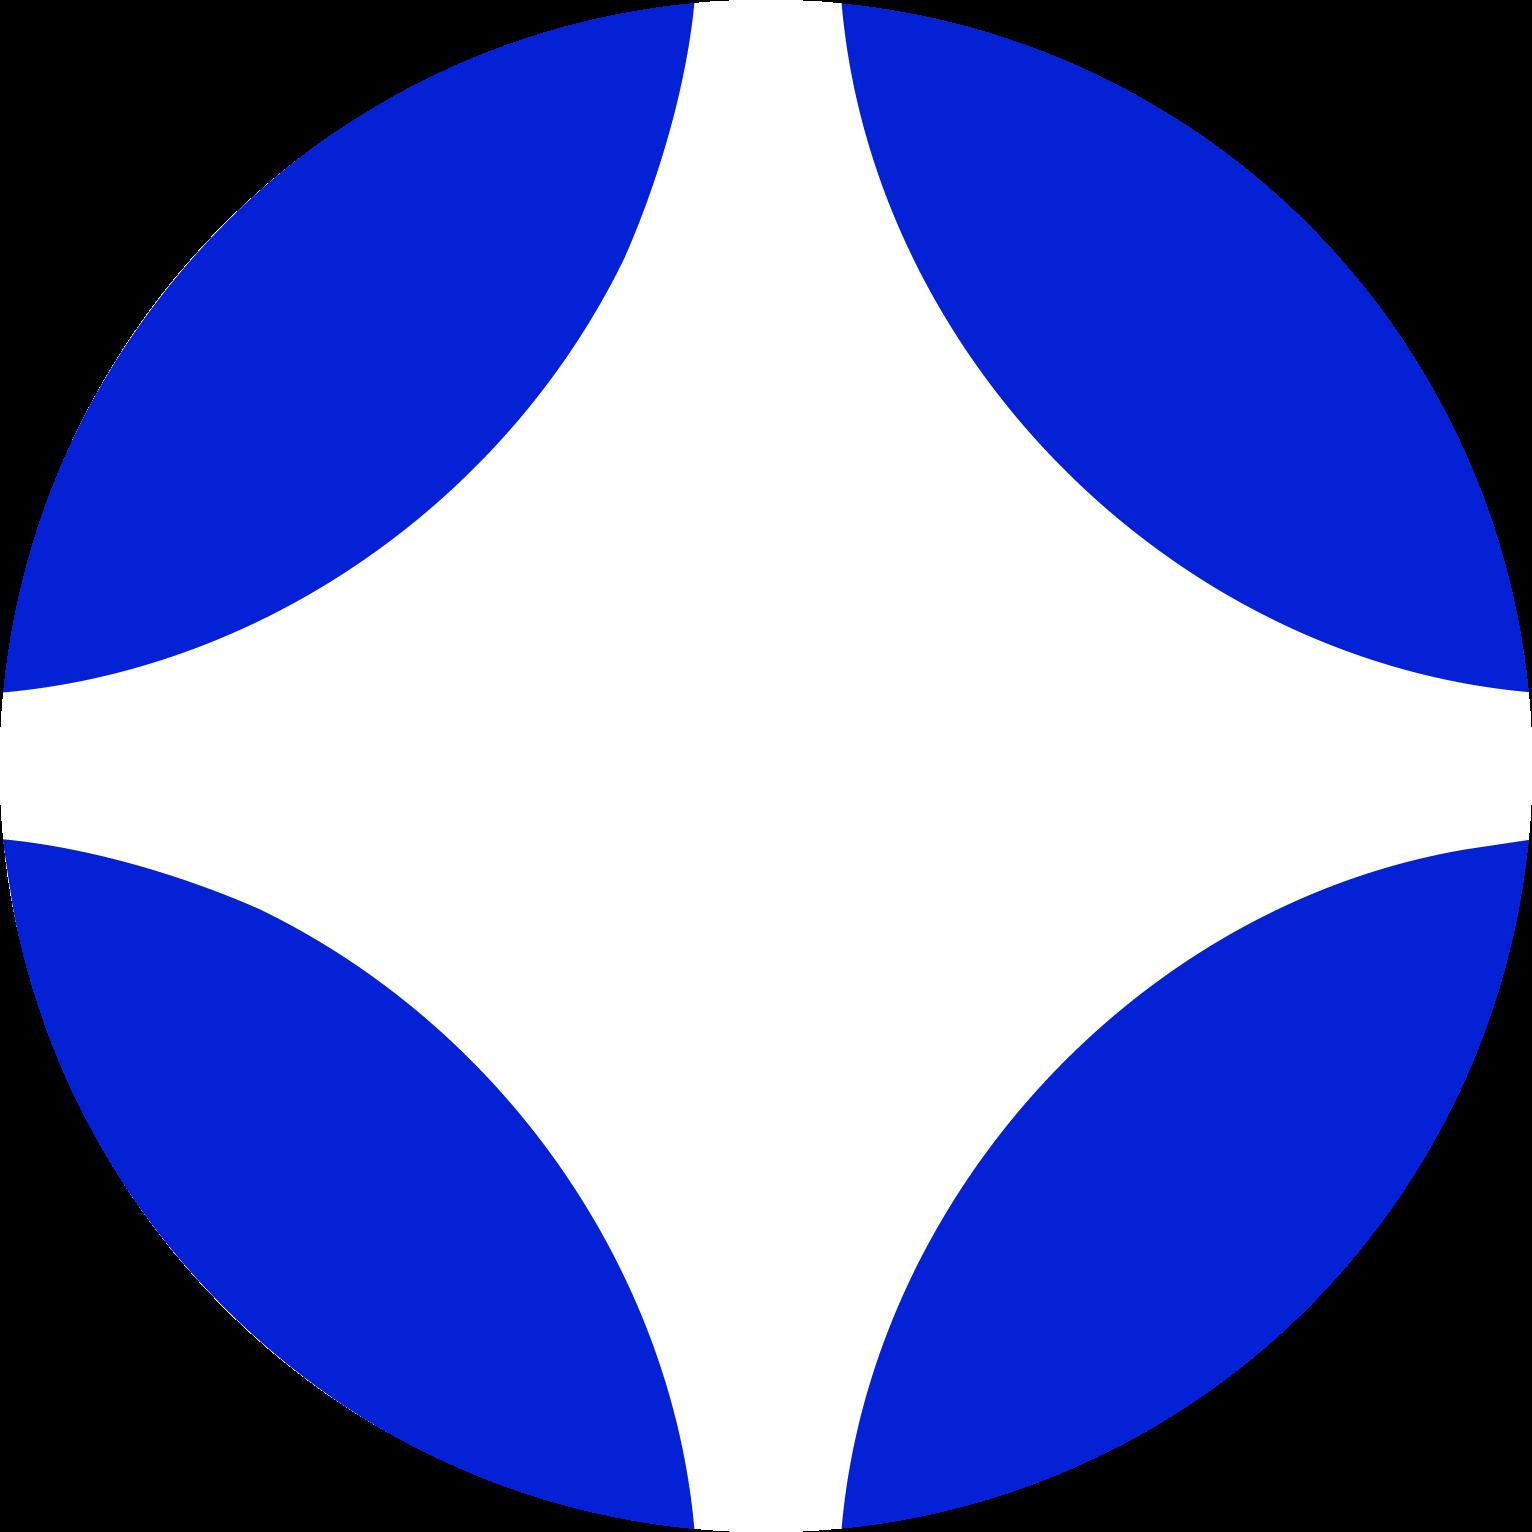 circle-cropped (10)-2